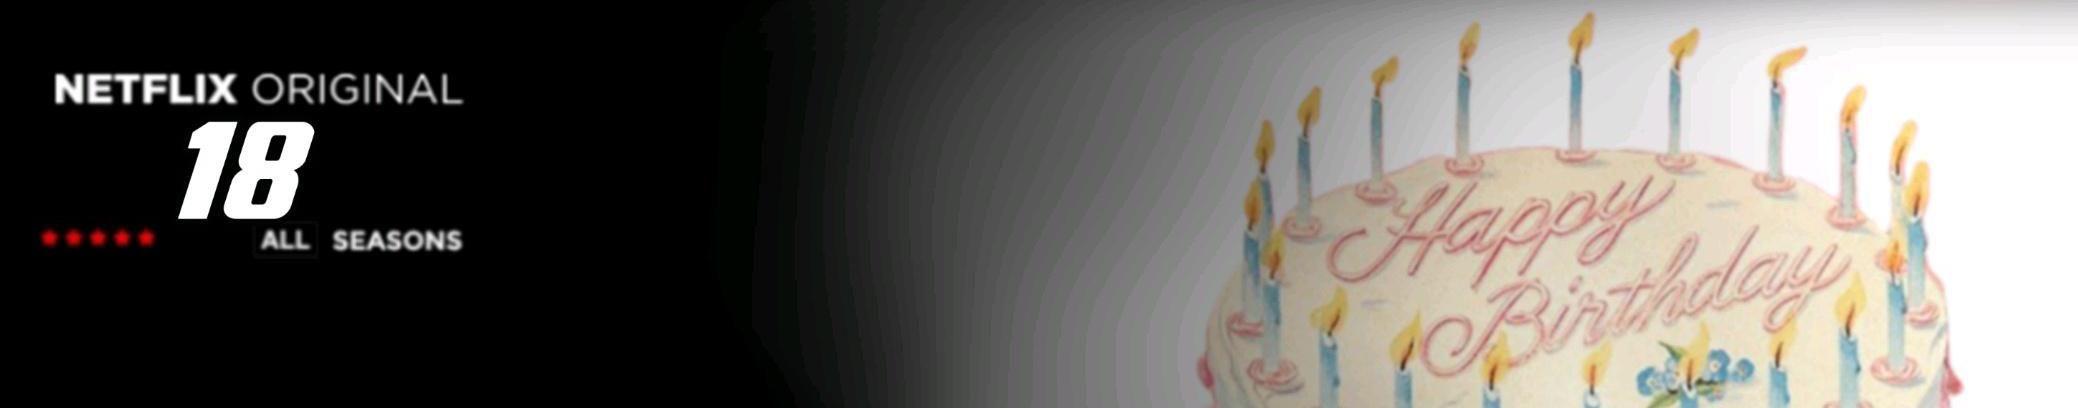 Imagem de capa de Leo OliveiraTv